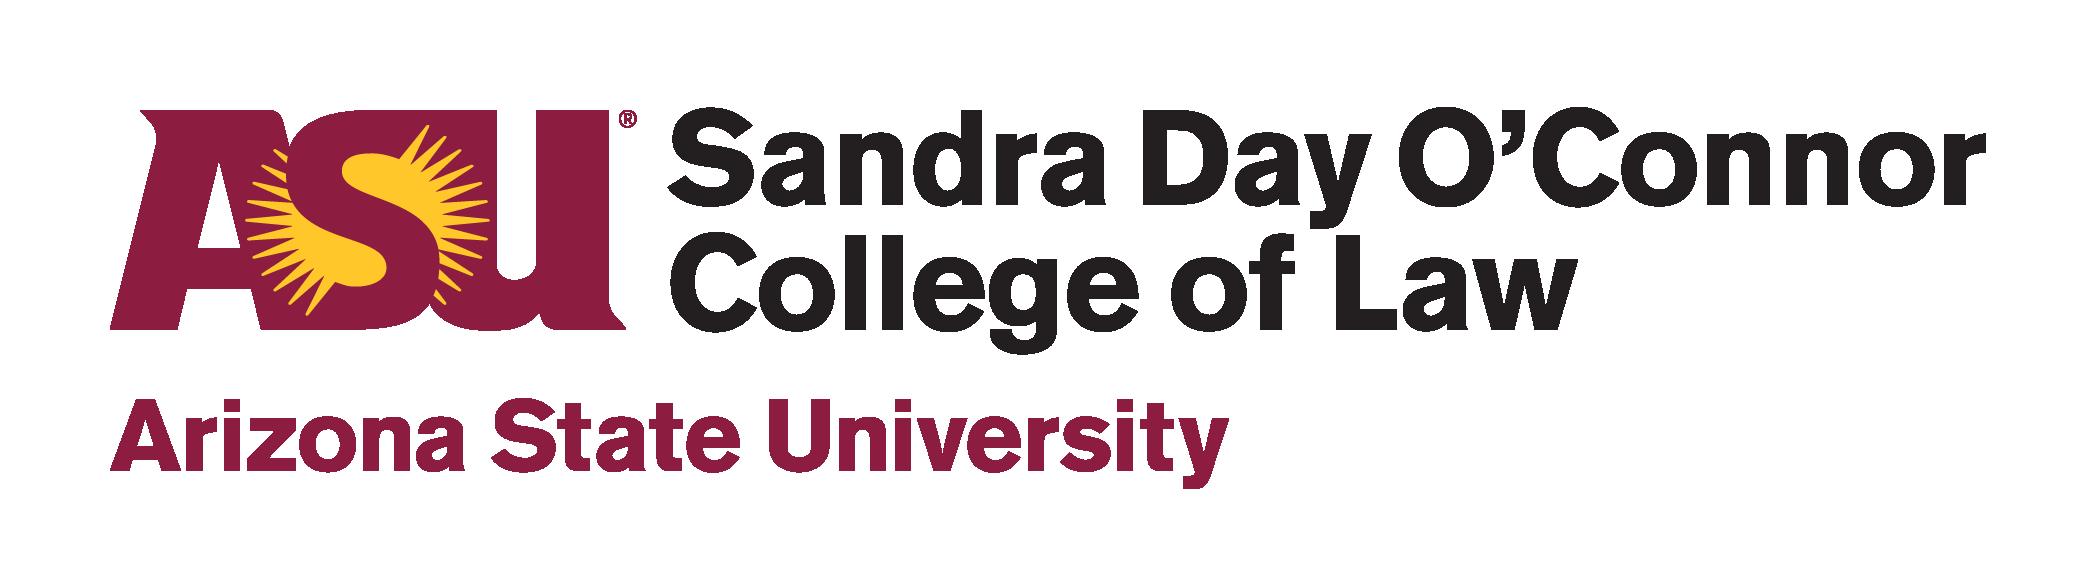 SDOC 2016 Logo